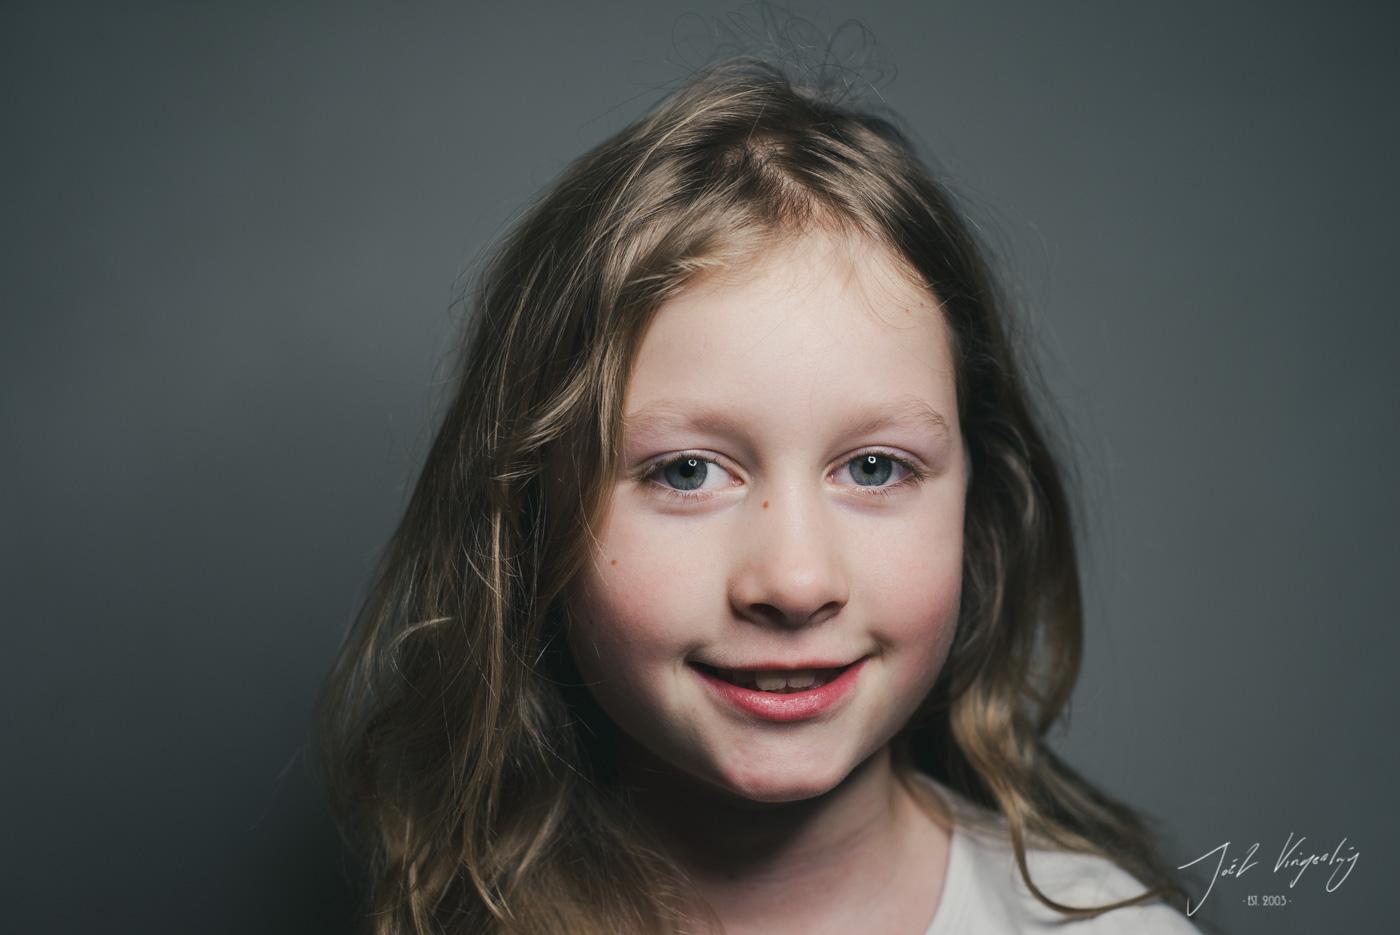 Portret fotografie kinderen